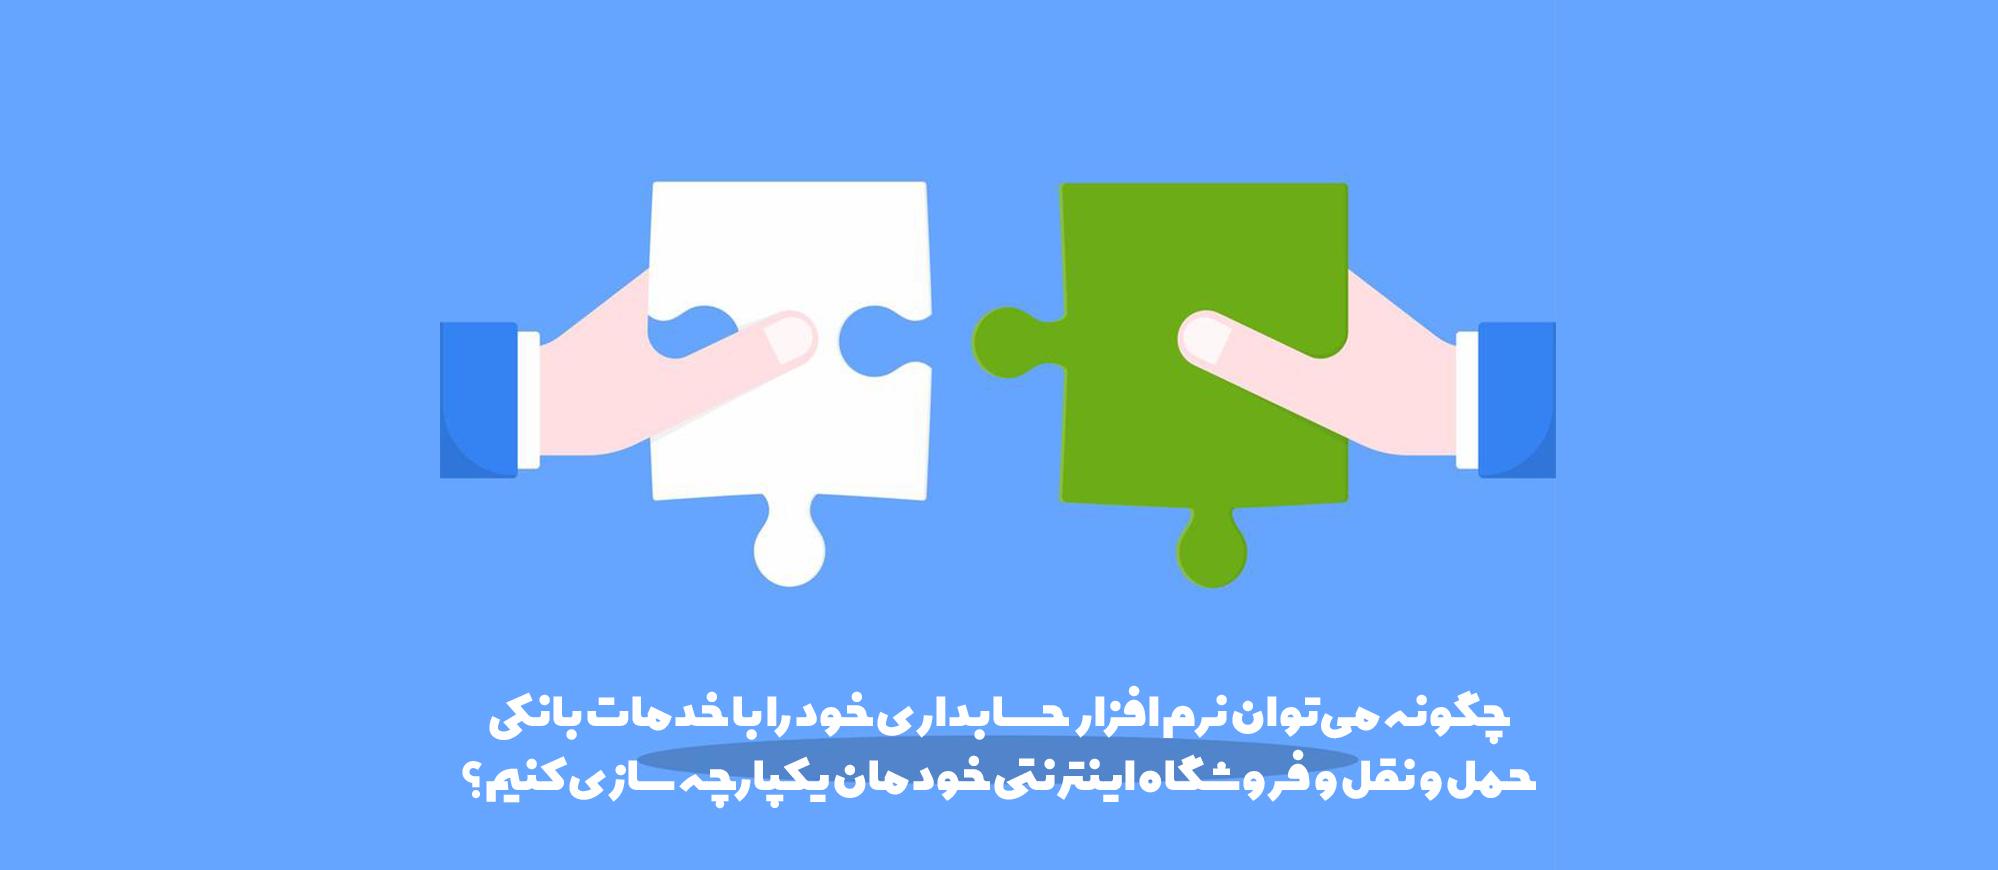 چگونه میتوان نرم افزار حسابداری خود را با خدمات بانکی، حمل و نقل و فروشگاه اینترنتی خودمان یکپارچه سازی کنیم؟